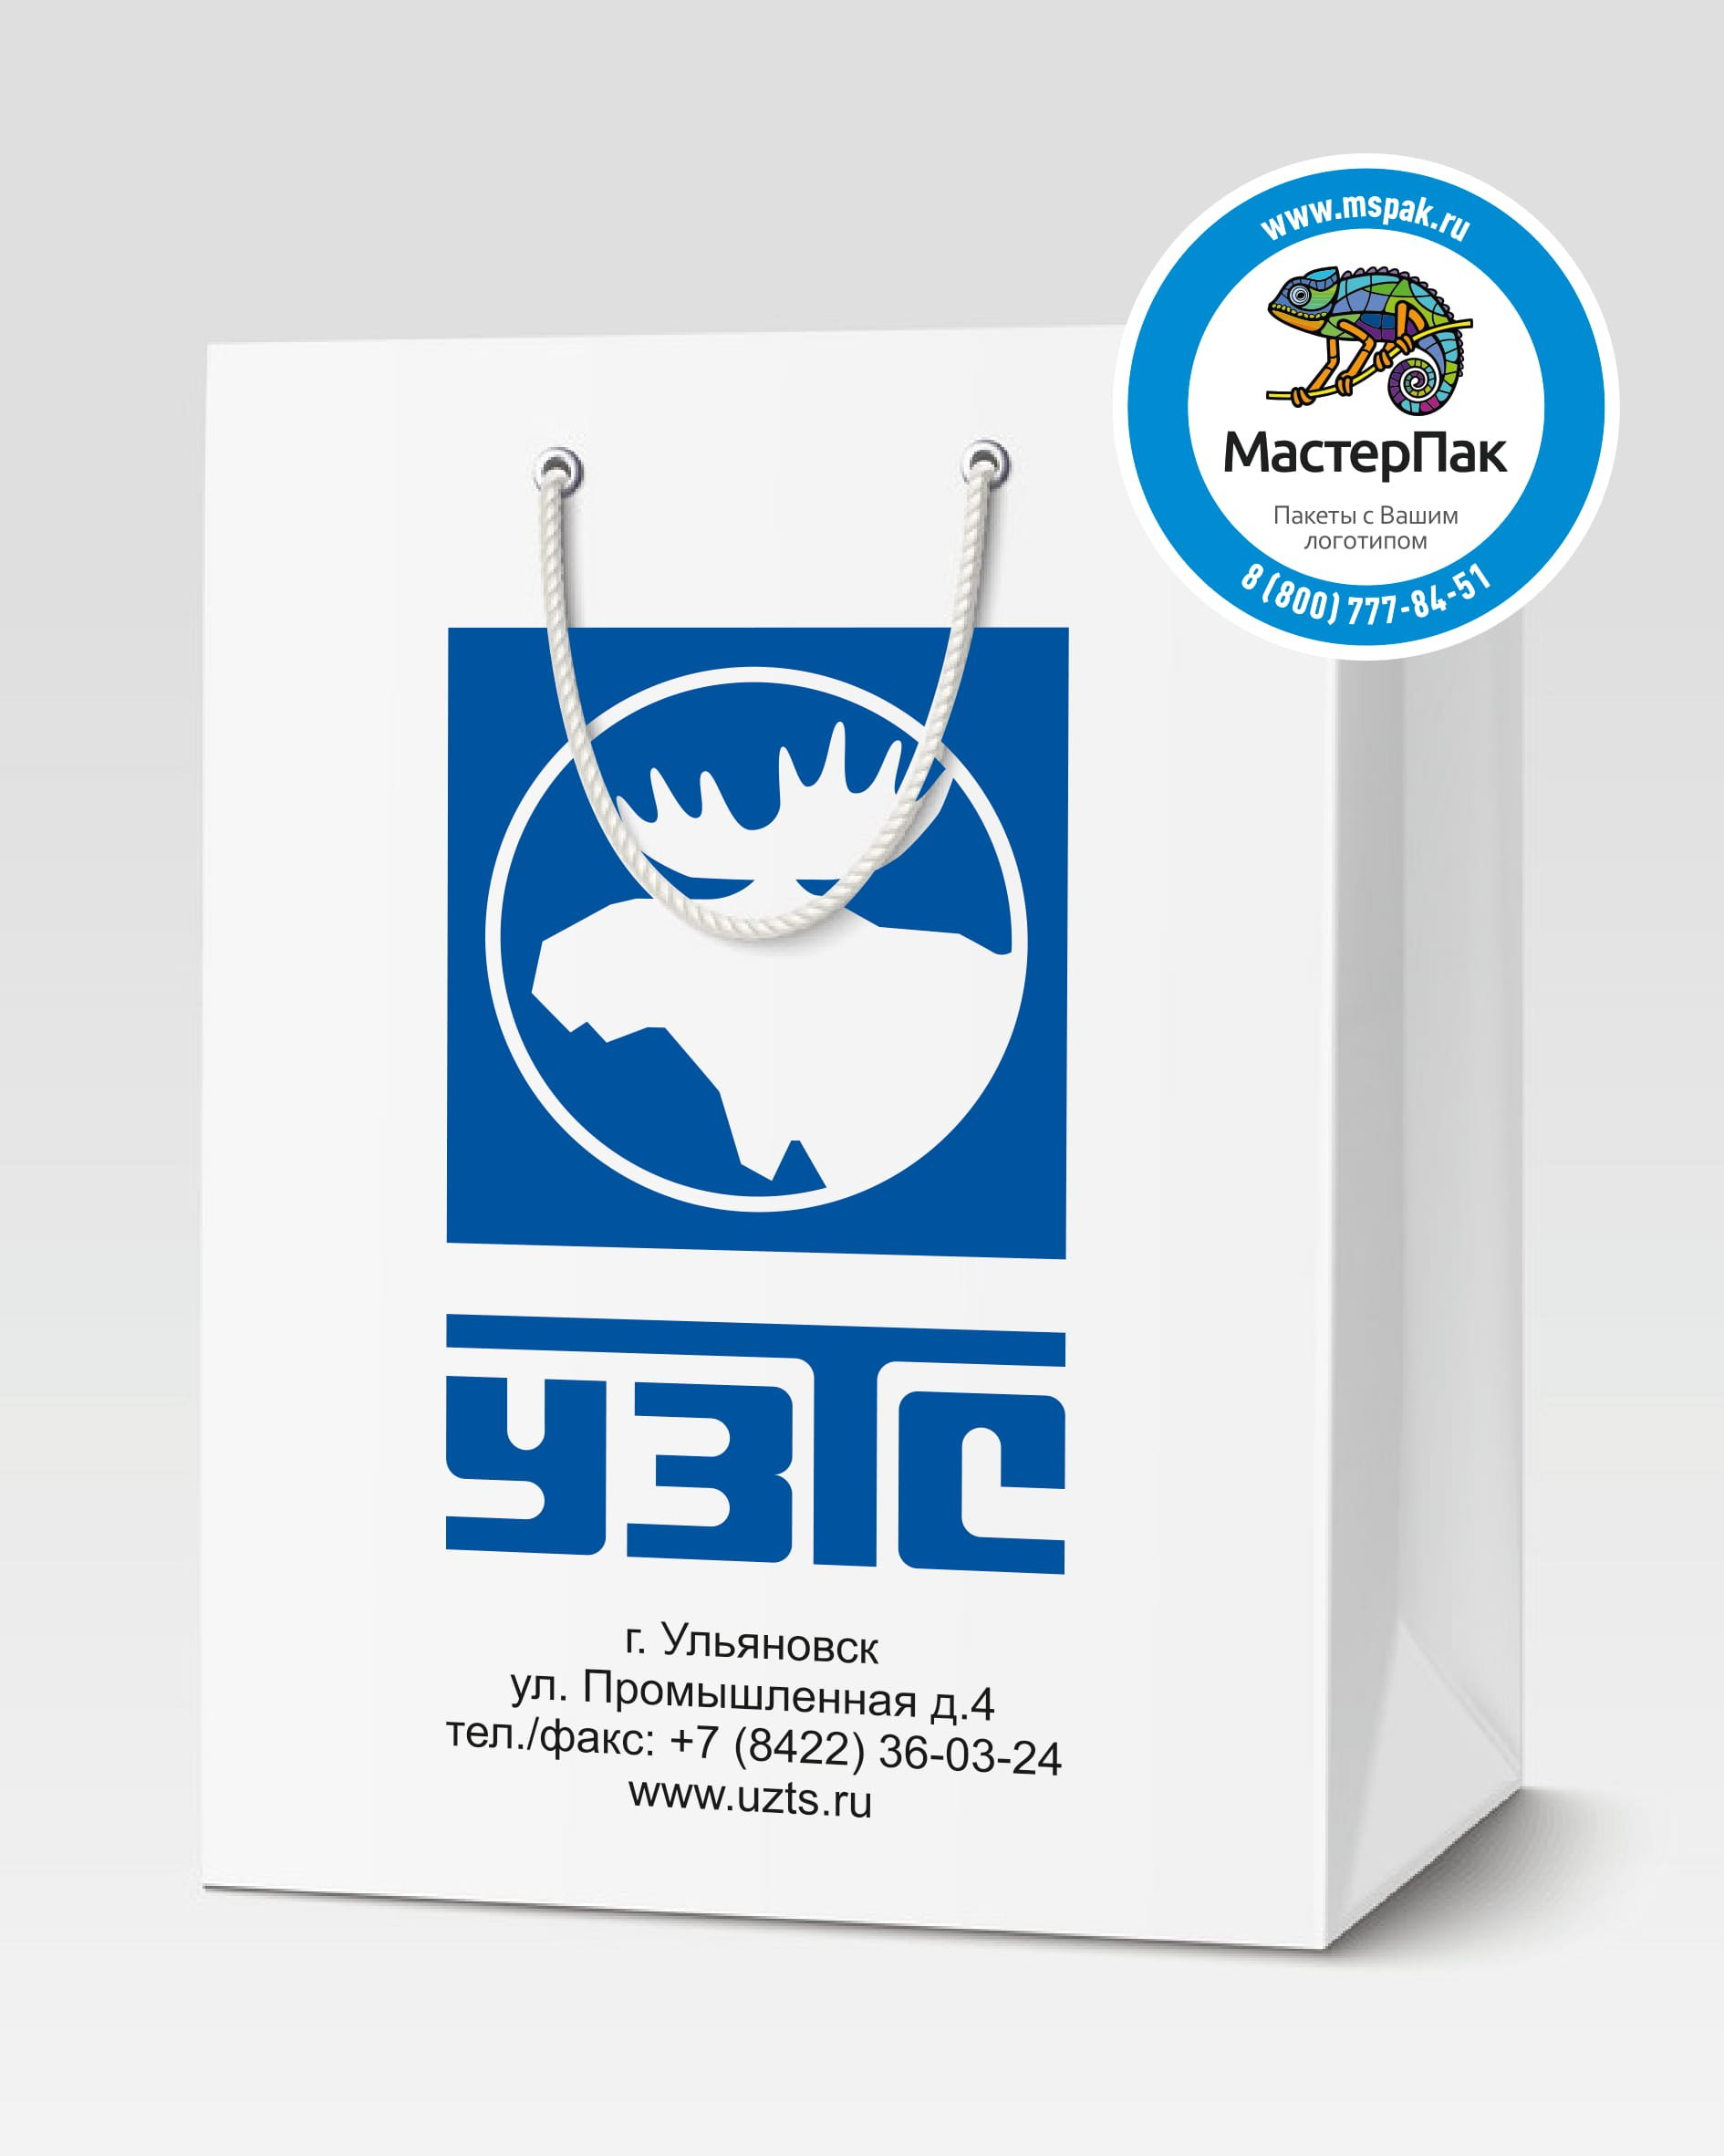 Пакет подарочный, бумажный с логотипом Ульяновский завод тяжёлых и уникальных станков, 30*40, люверсы